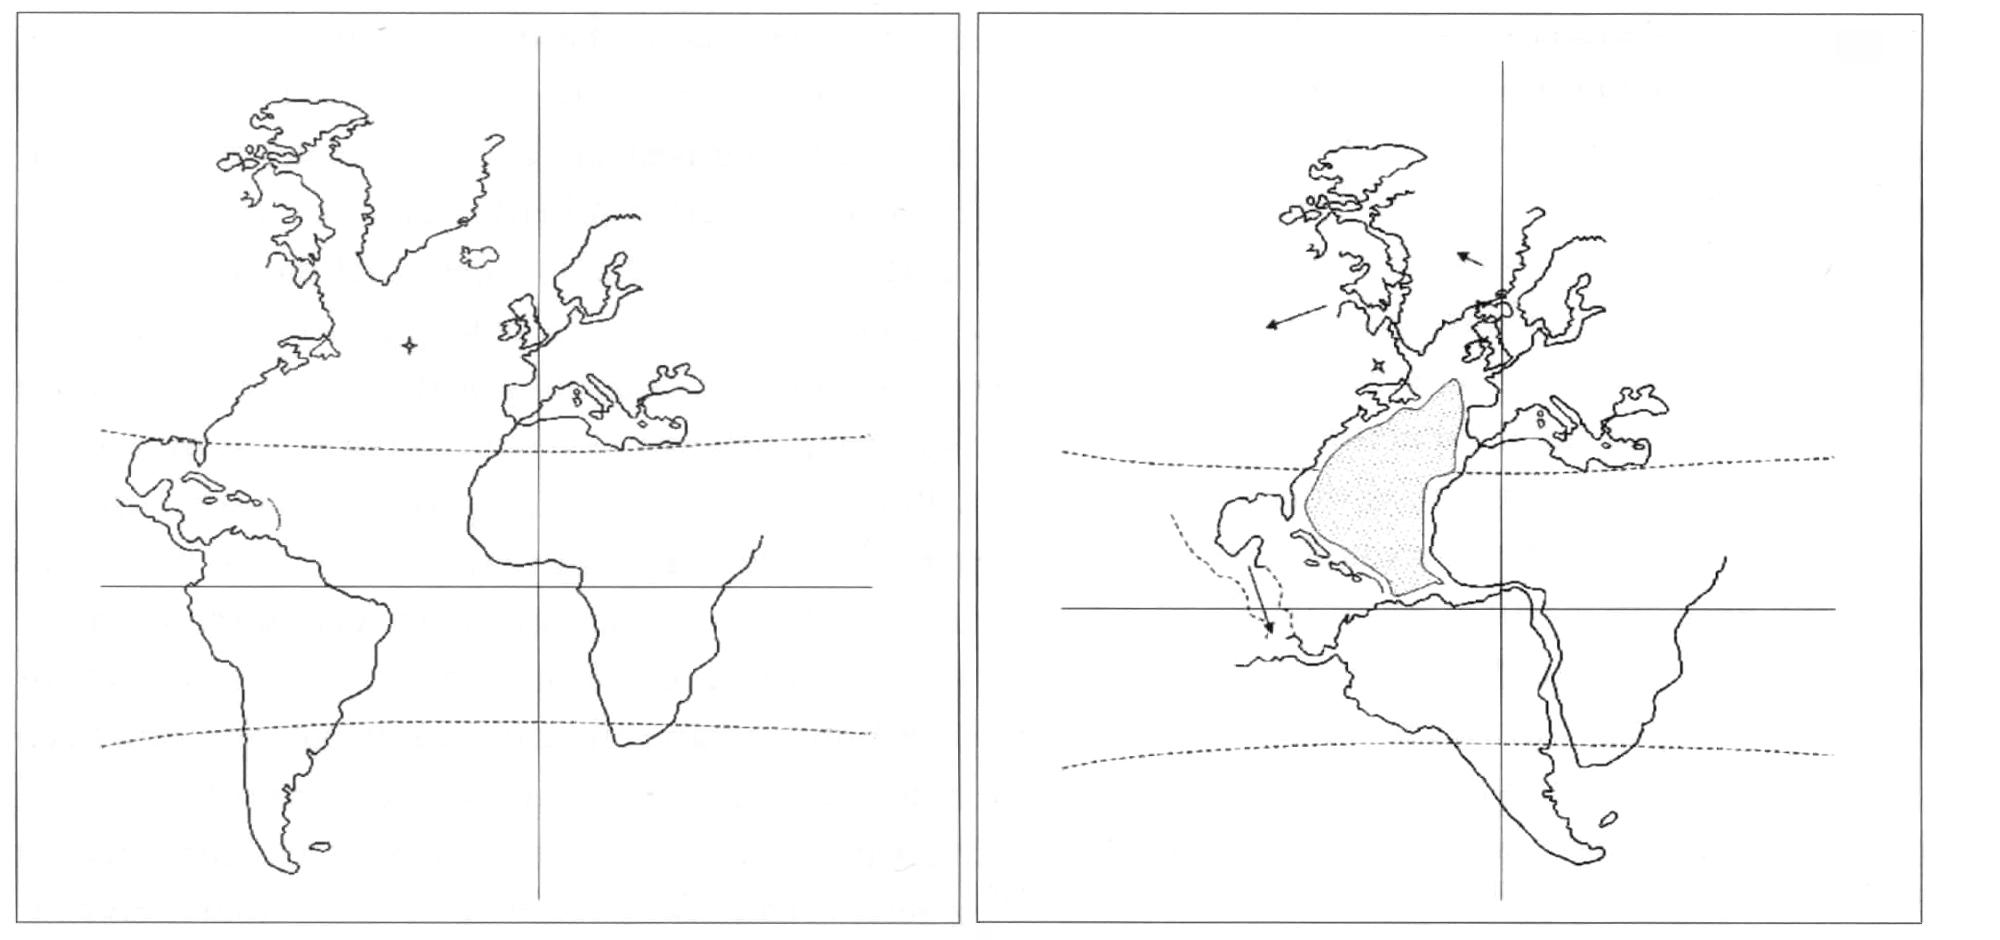 """Illustratie uit het boek """"De verborgen geheimen van de mensheid"""" die het draaipunt van de verwijdering tussen Afrika en Zuid-Amerika illustreert. In zijn onderzoek komt hij ook tot de conclusie dat het Noord-Amerikaanse continent niet alleen middels een lineaire en circulaire beweging verschoven is, maar dat het continent ook opgerekt en ietwat vervormd is."""